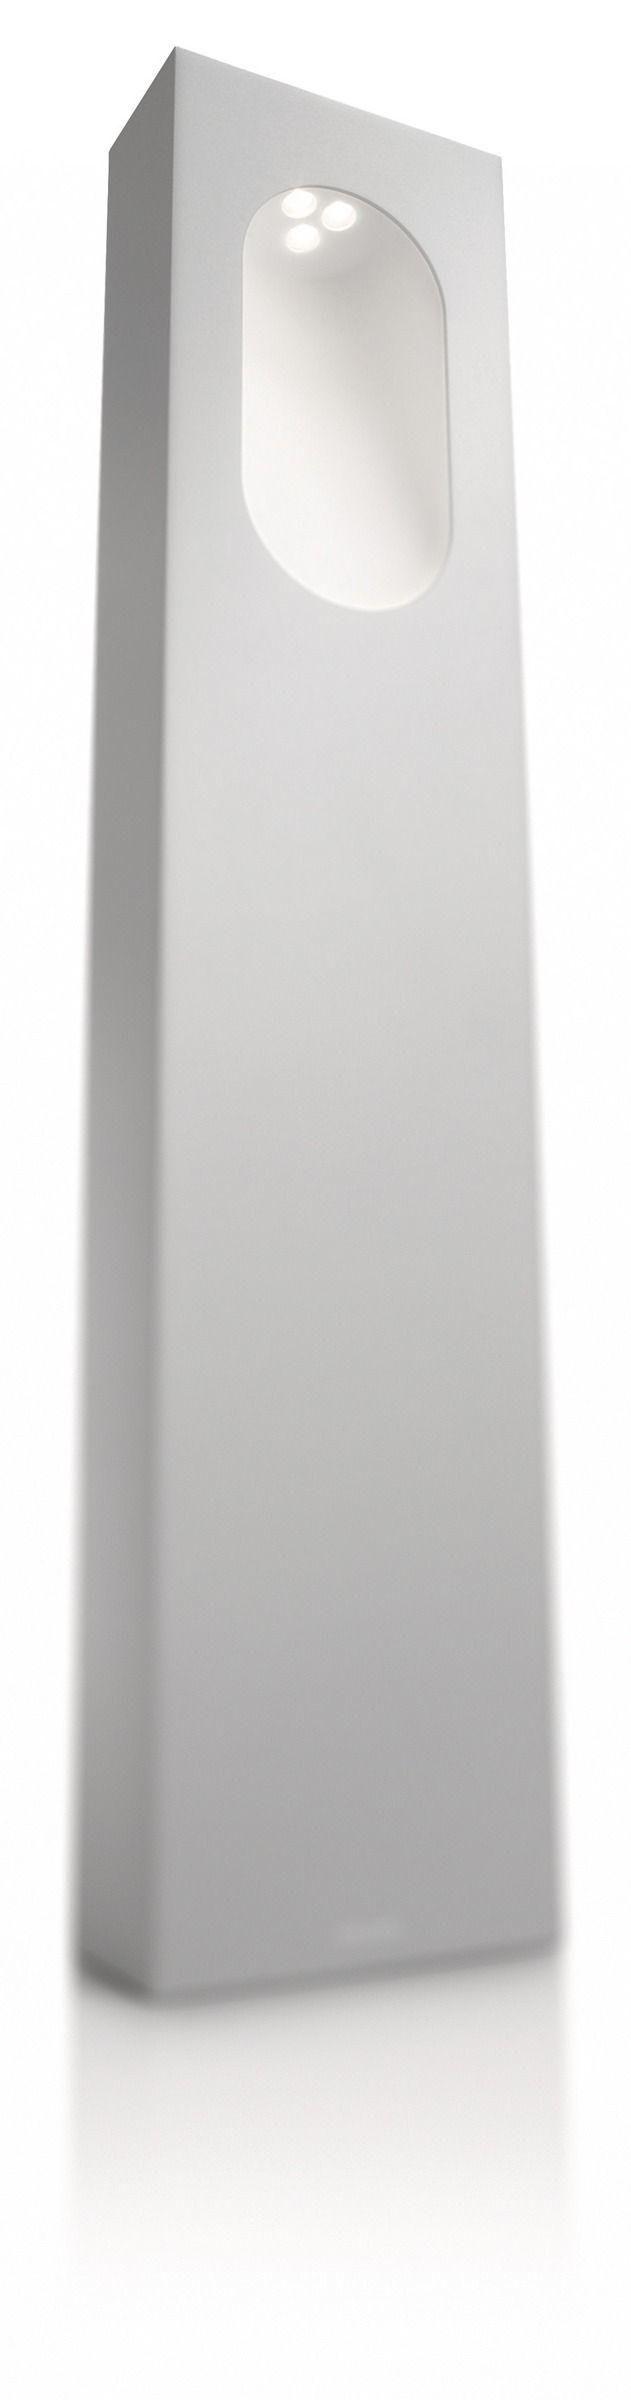 Philips myGarden Sokkel/lantaarn 168178716  Light up your outdoor life Moderne buitenverlichting Een bekroond ontwerp met een slank silhouet. Het ovale binnenwerk geeft een warm wit licht. Deze dimbare grijze Philips Ledino sokkellamp is gemaakt van hoogwaardig aluminium en creÃert een prettige sfeer. De lichthoek is ideaal voor tuinpaden en terrassen.Speciaal ontworpen voor buitenshuis - Elegante en duurzame materialen. - Uitgebreide keuze aan toepassingen. - Moderne…